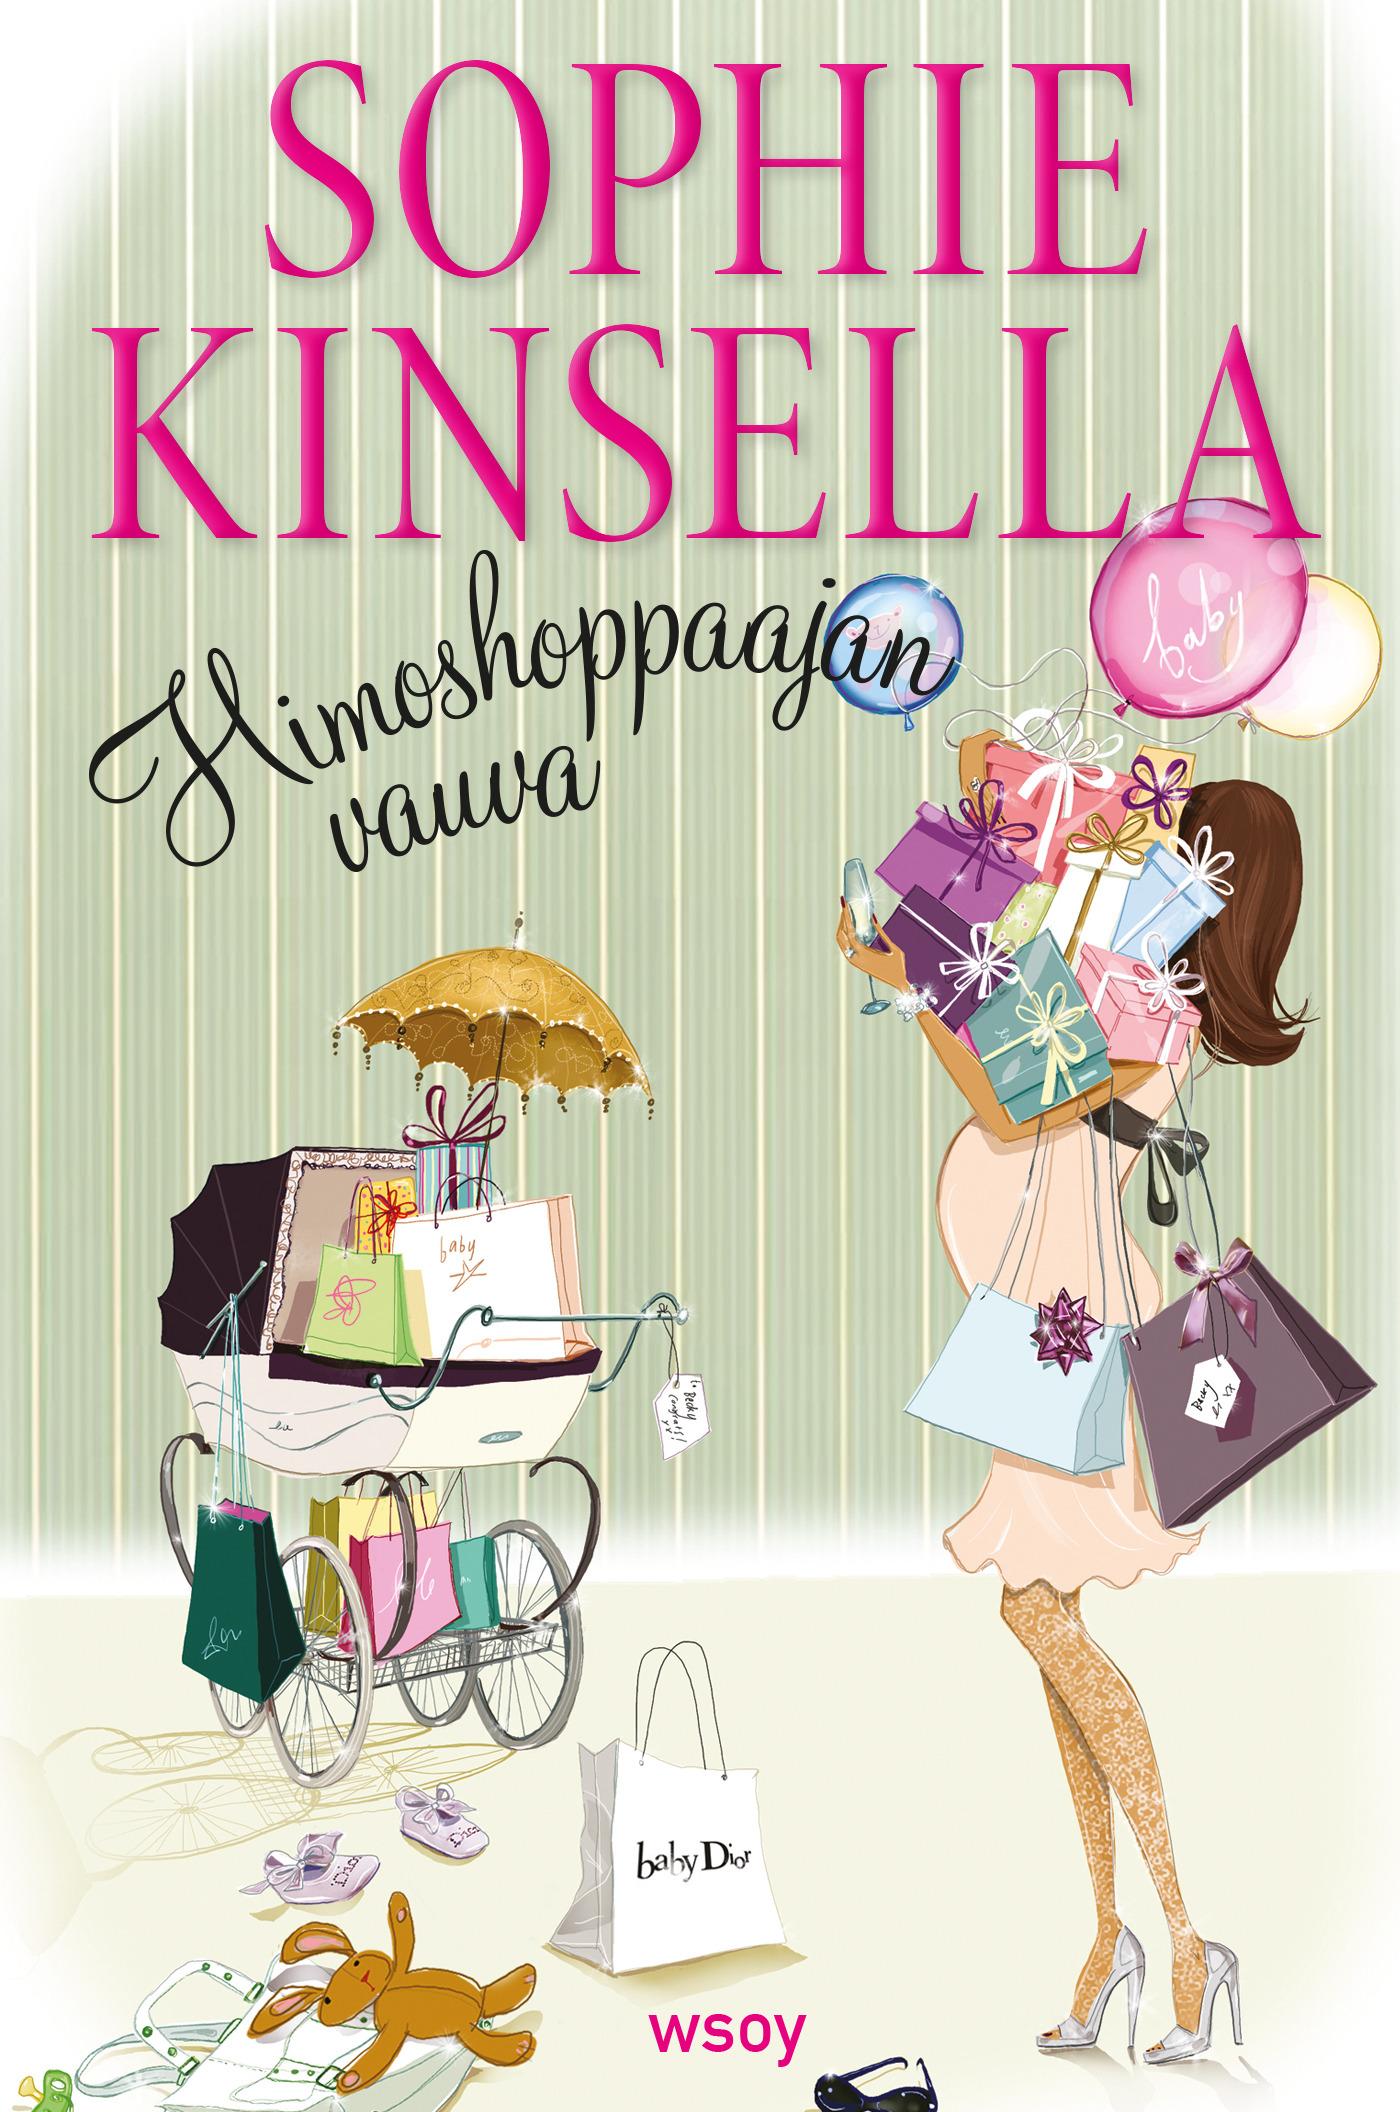 Kinsella, Sophie - Himoshoppaajan vauva: Himoshoppaaja 5, e-kirja